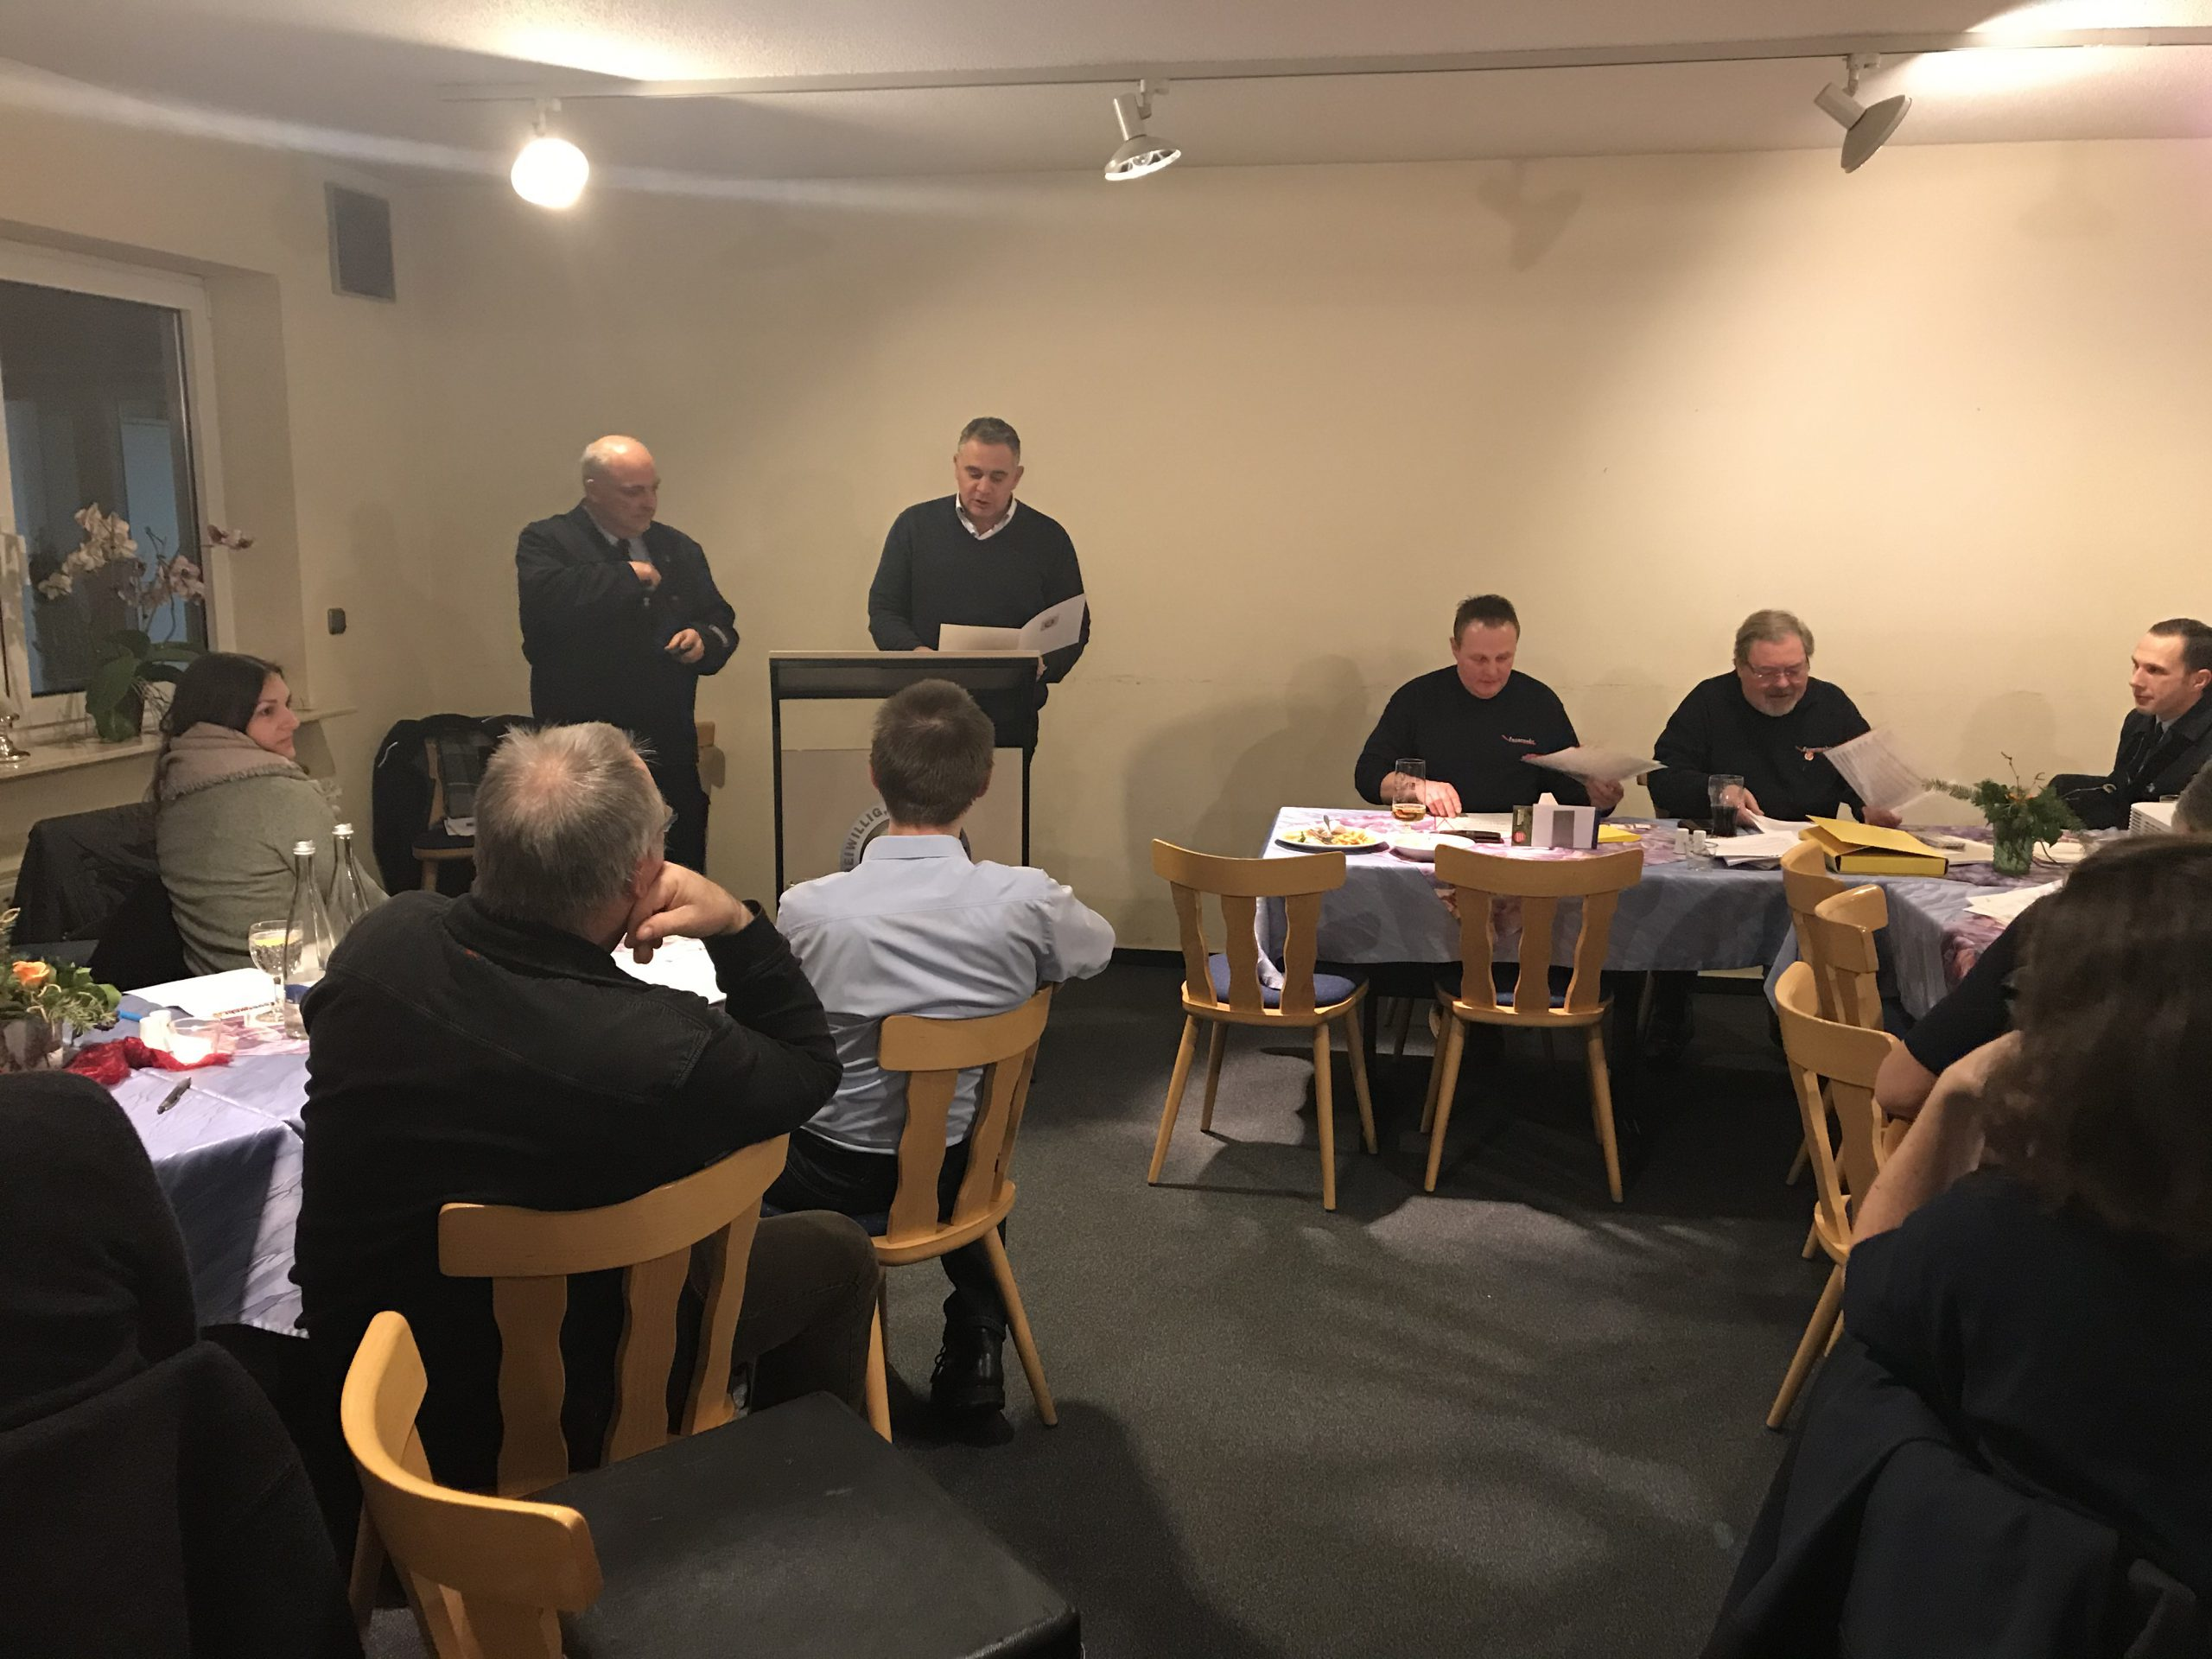 Rückblick auf das Berichtsjahr 2019 der Freiwilligen Feuerwehr Brandau